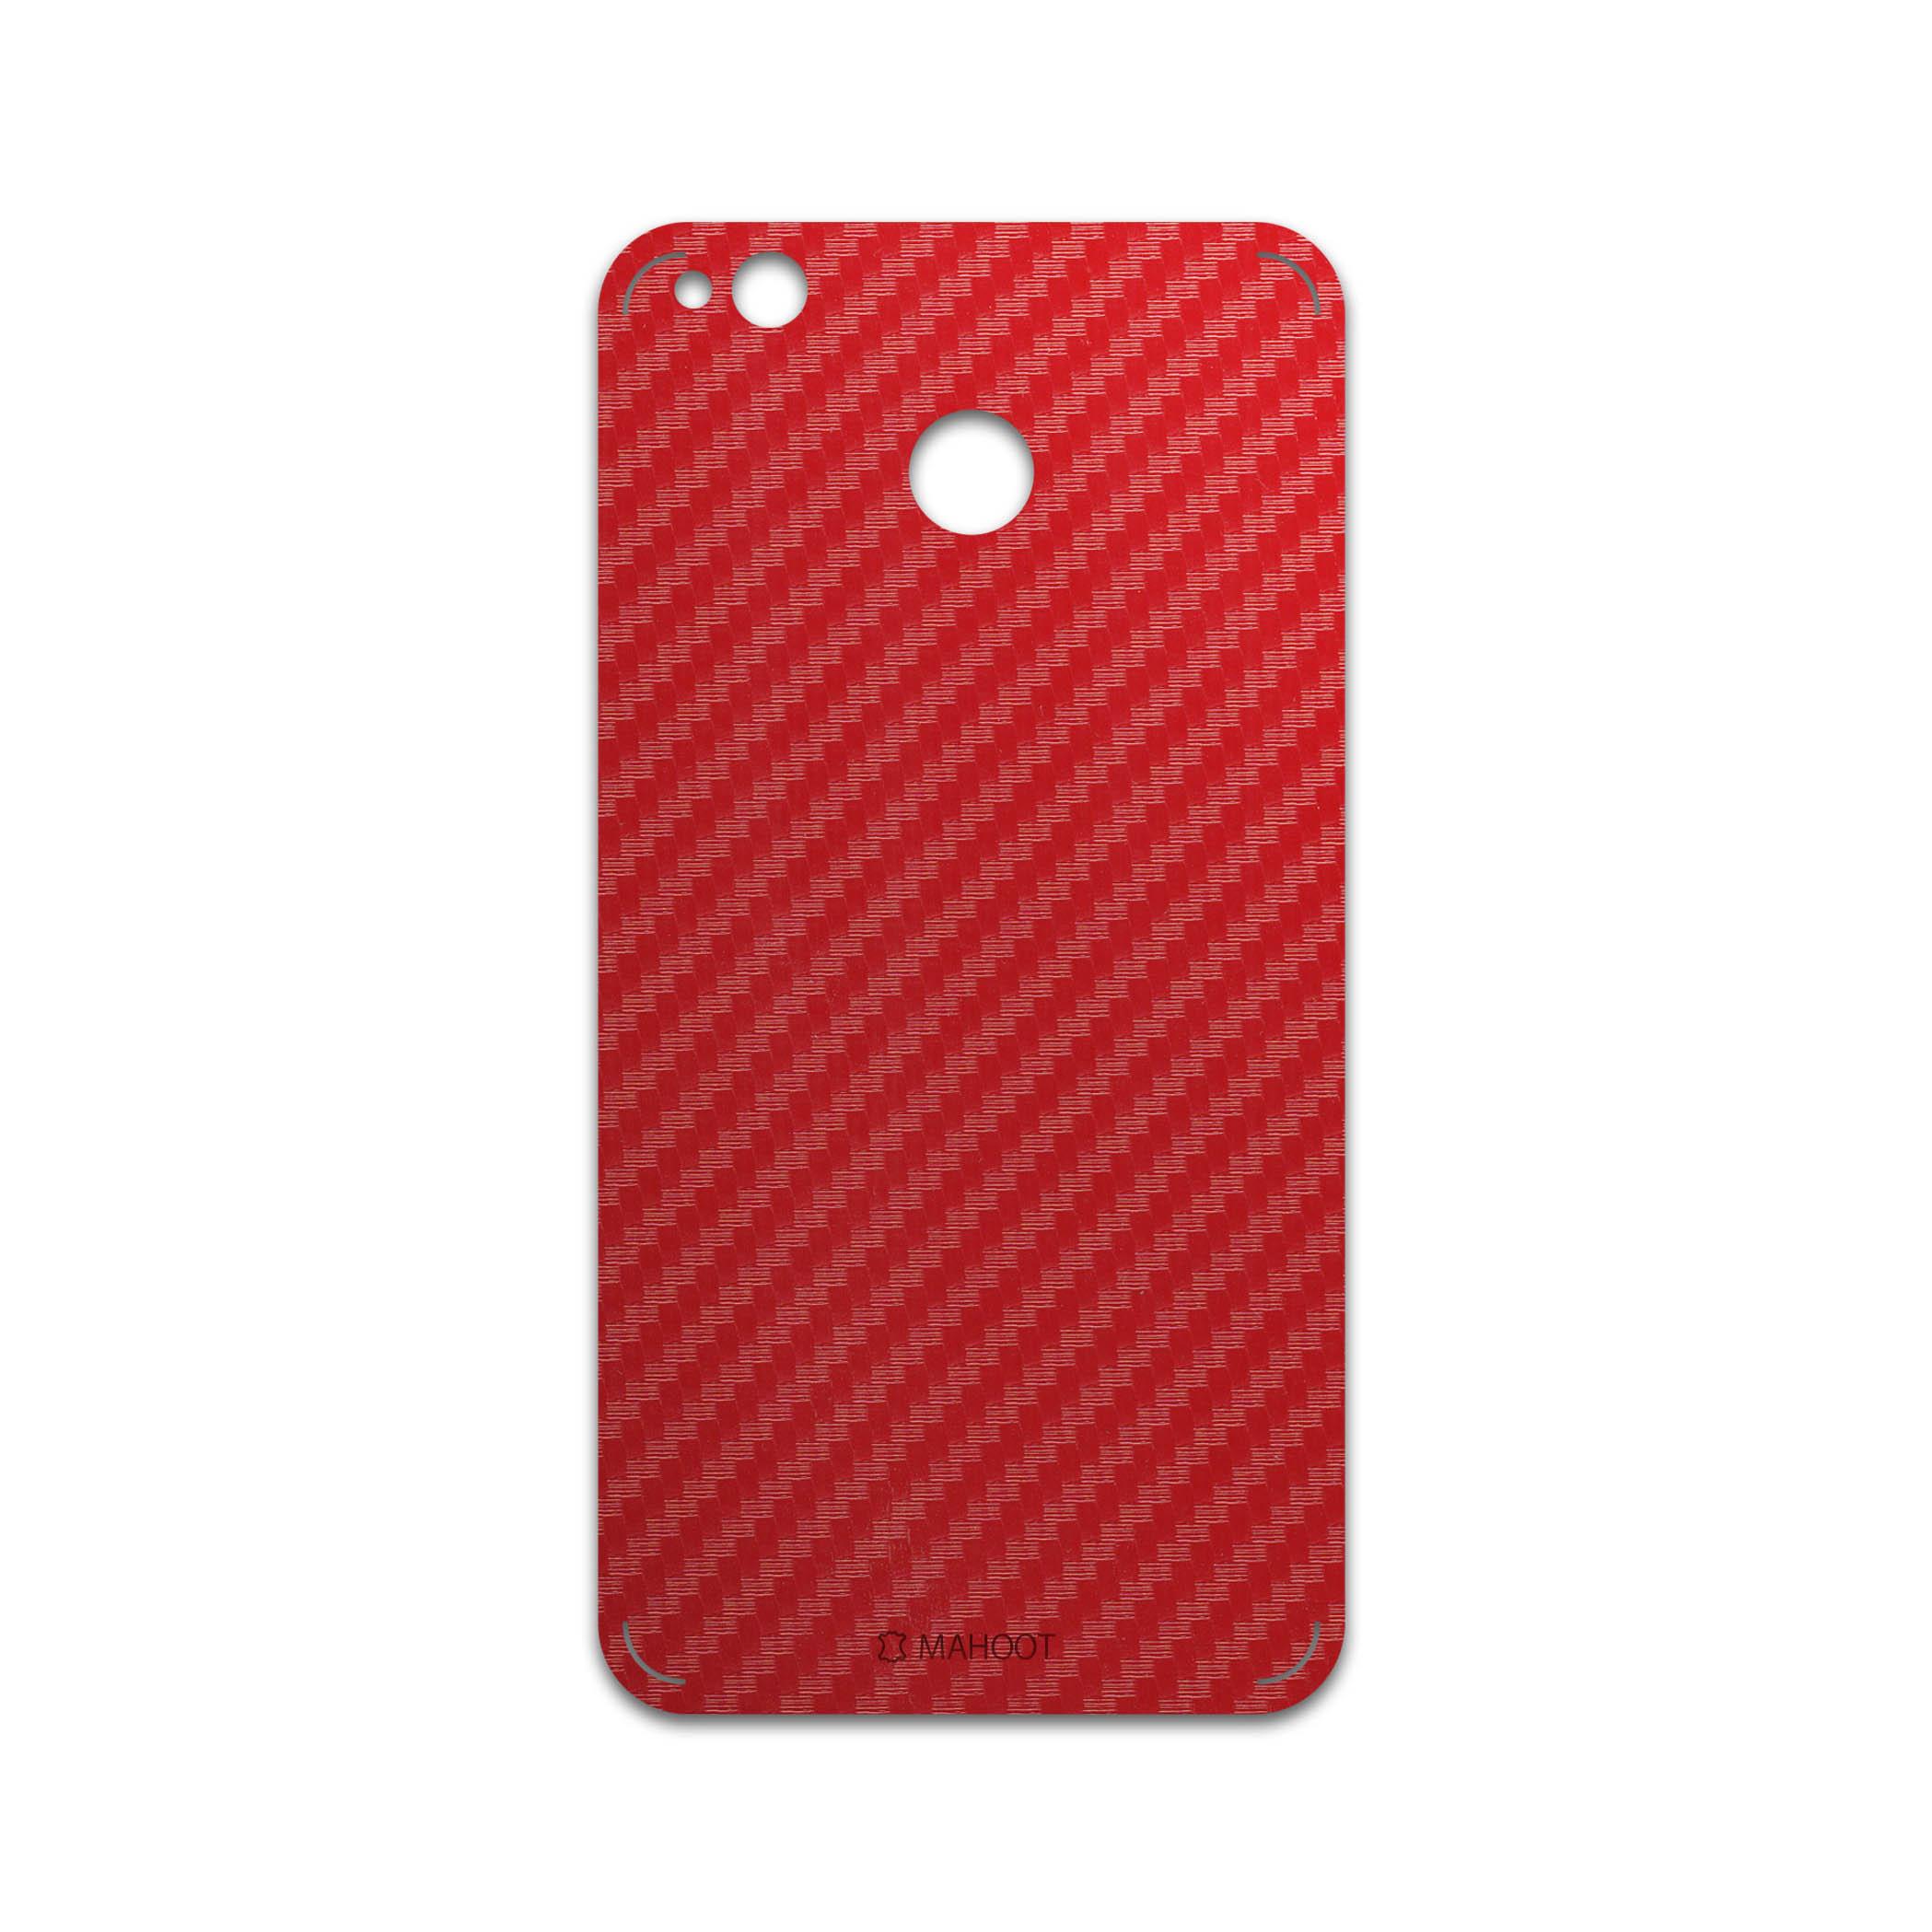 برچسب پوششی ماهوت مدل Red-Fiber مناسب برای گوشی موبایل شیائومی Redmi 4X